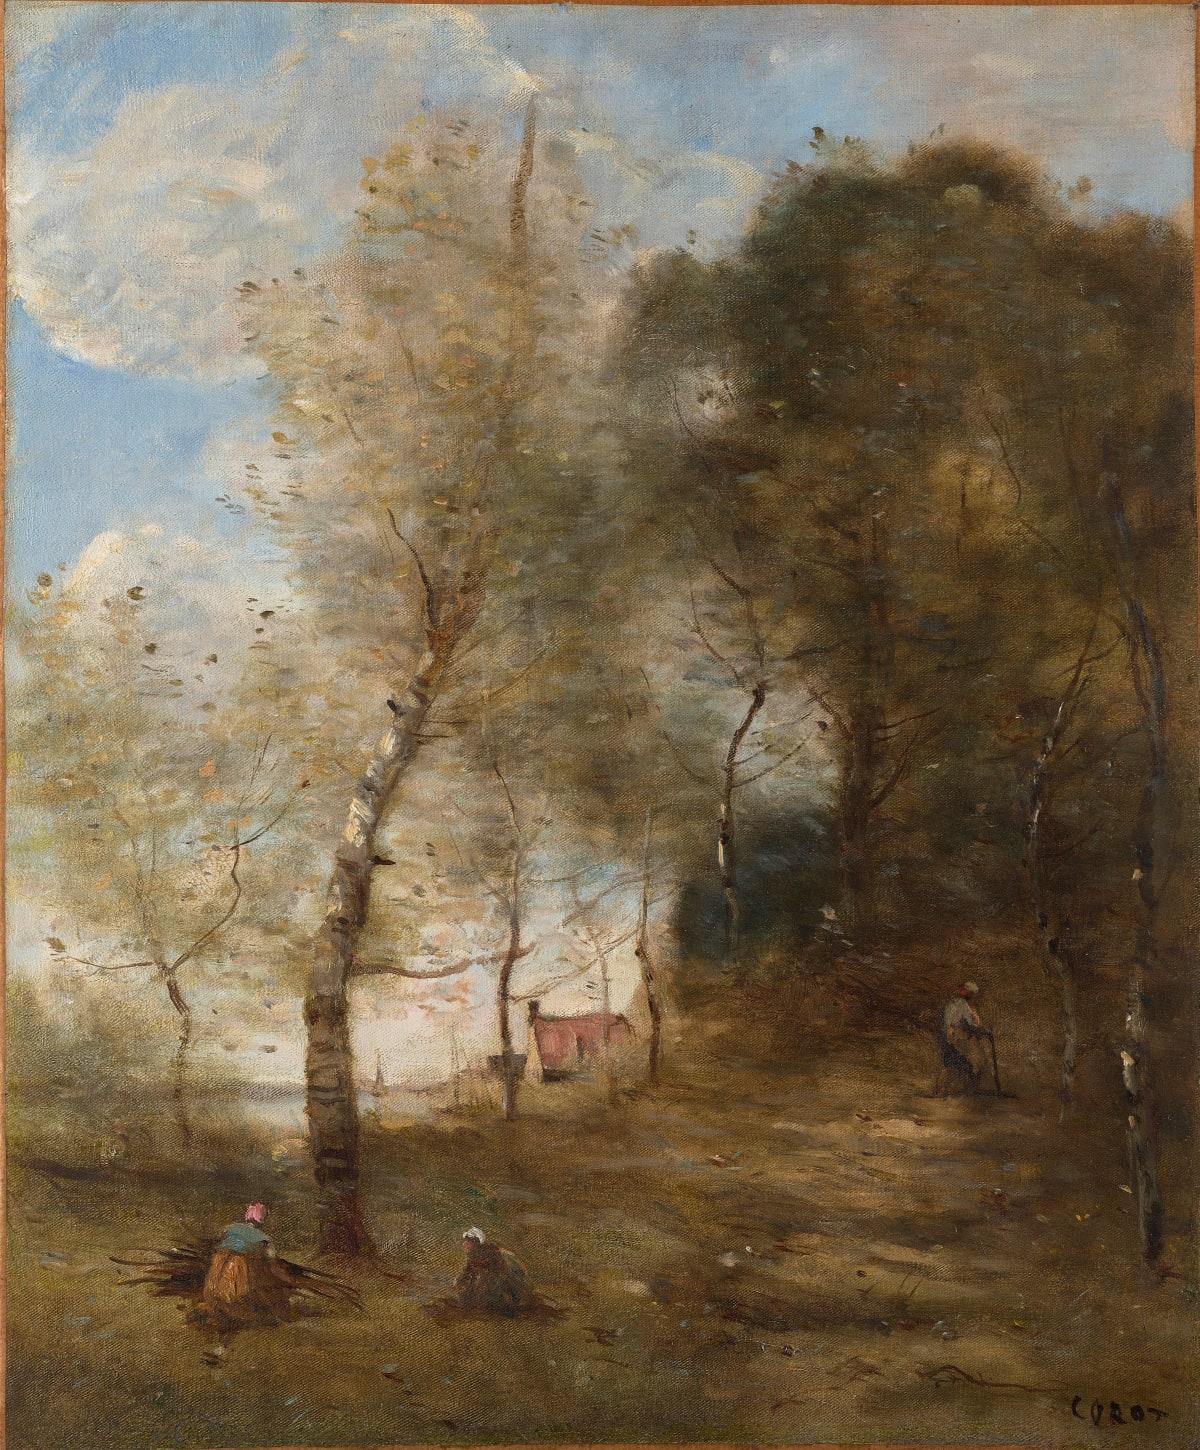 Jean Baptiste Camille Corot, Le Chemin montant sous les arbres à Ville-d'Avray